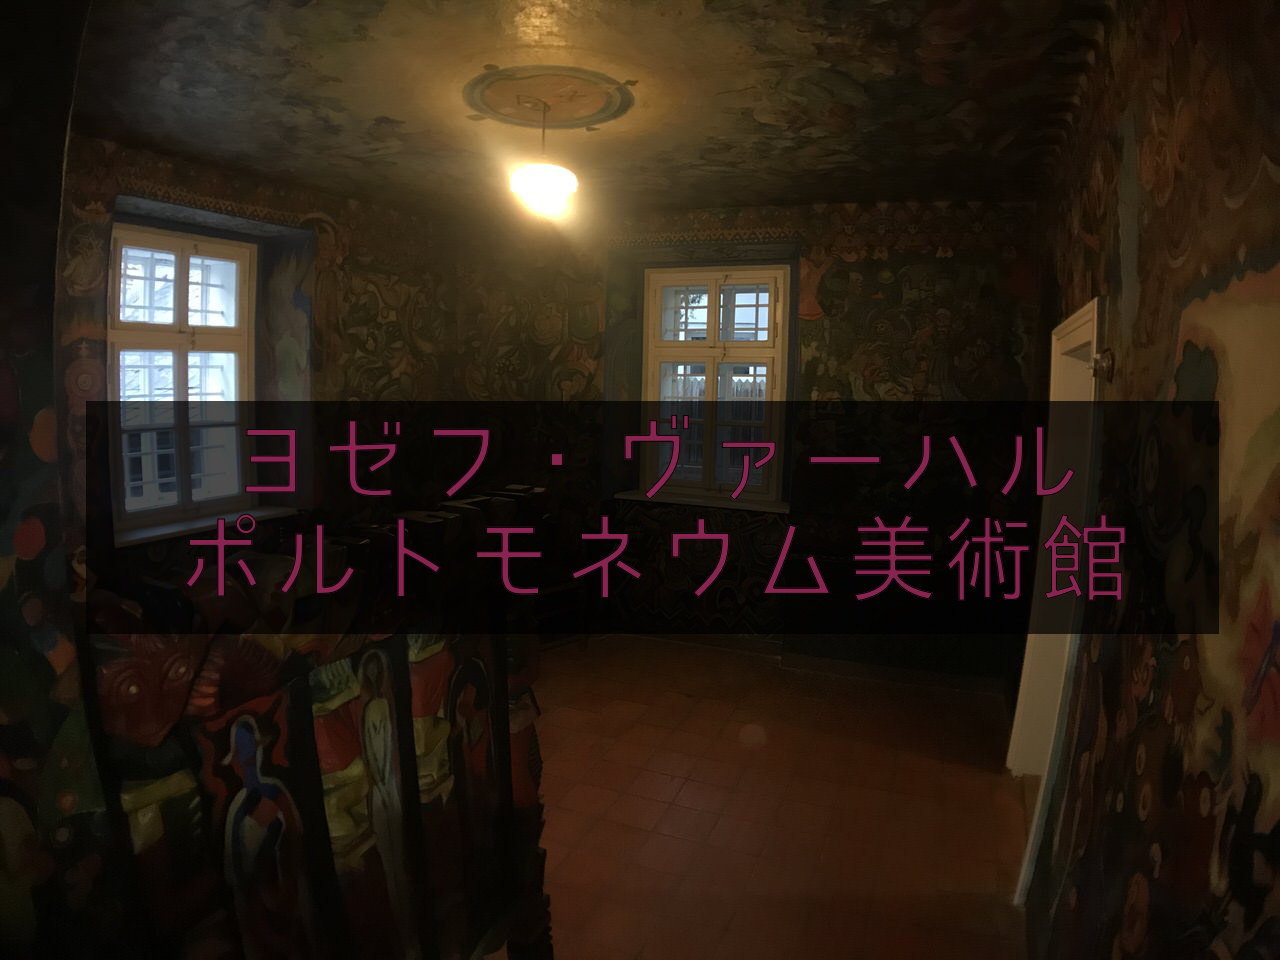 """""""チェコのゴッホ""""ヨゼフ・ヴァーハルの作品が展示される「ポルトモネウム美術館」 #チェコへ行こう #visitCzech"""